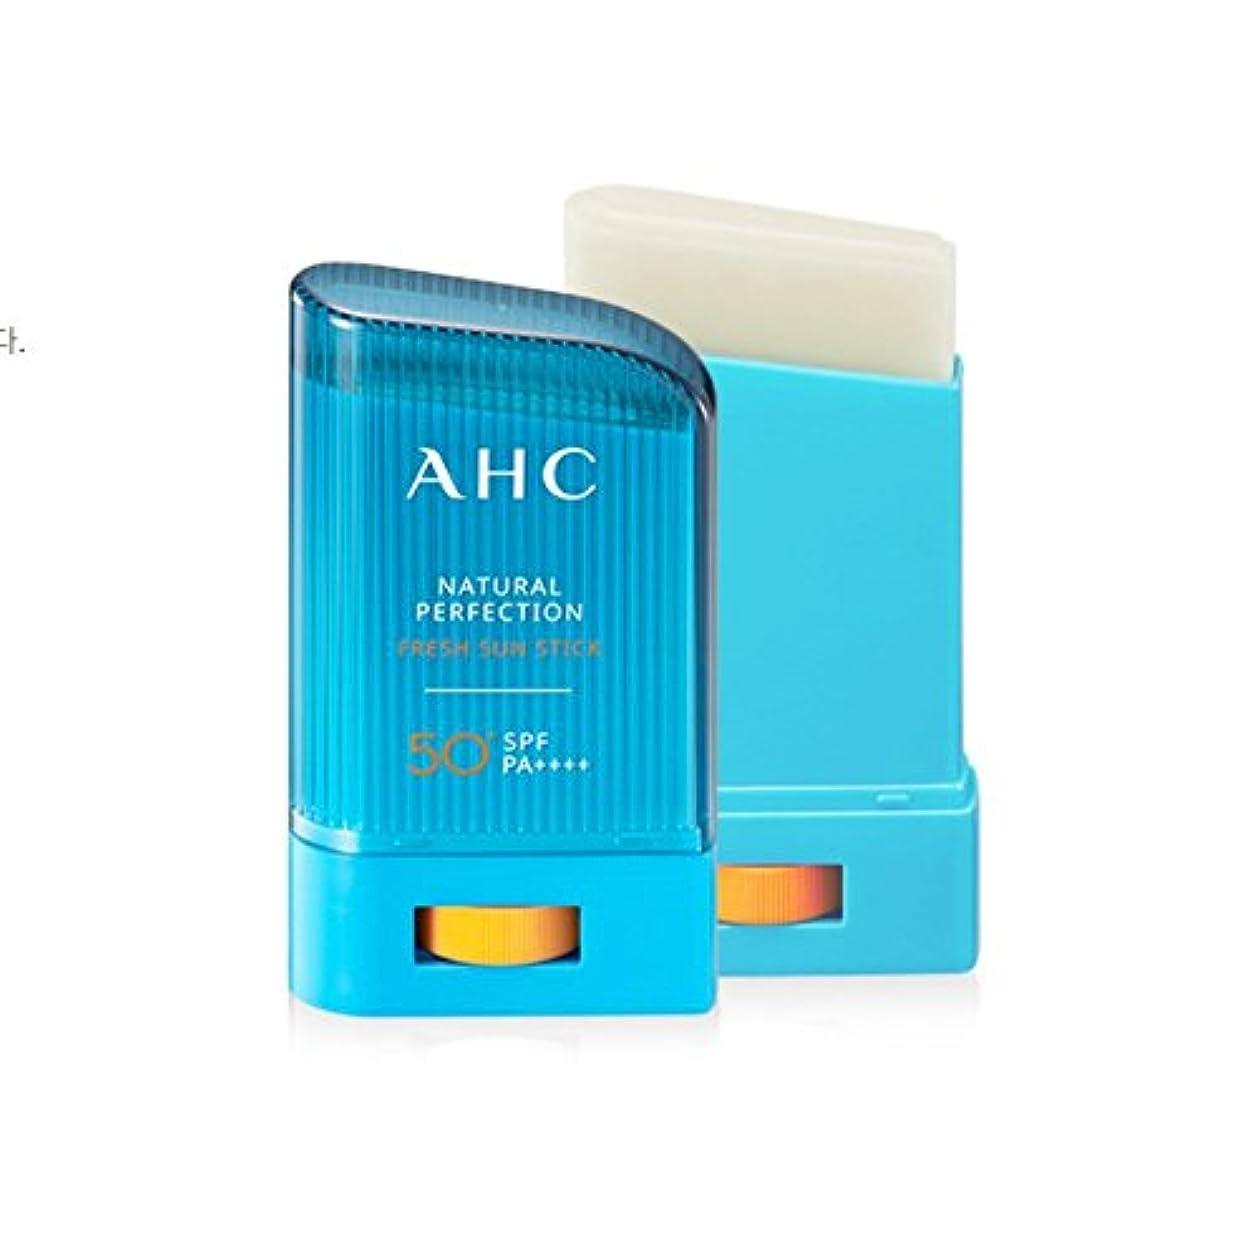 カリングパーク不幸2018年(Renewal) AHC ナチュラル サン スティック 22g/AHC Natural perfection fresh sun stick (22g) [並行輸入品]